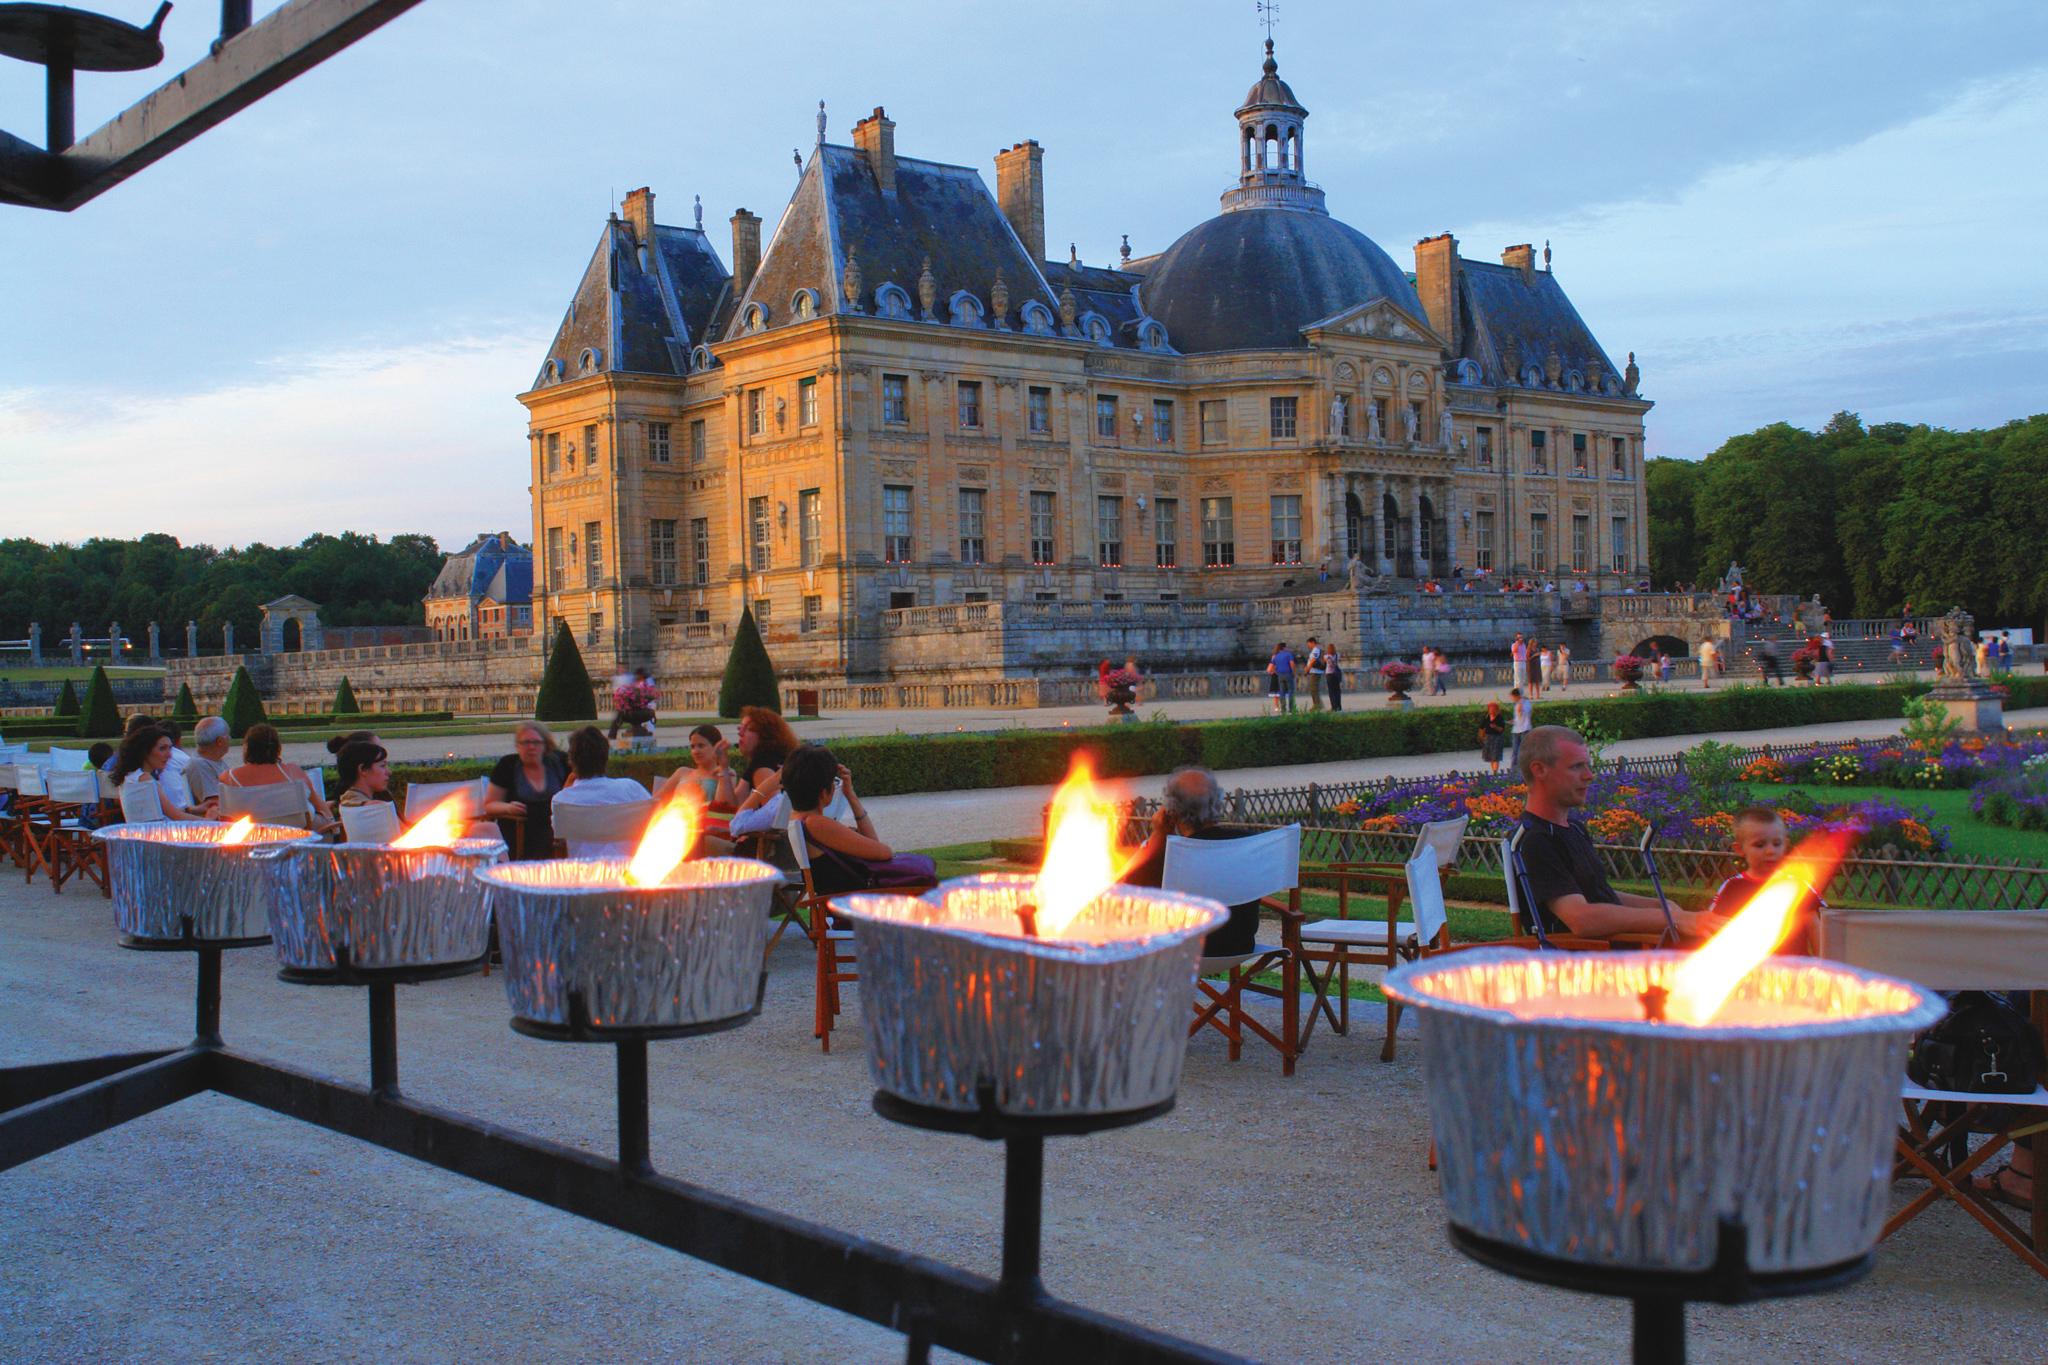 Dinner candlelight visit at ch teau vaux le vicomte paris transat - Visite vaux le vicomte ...